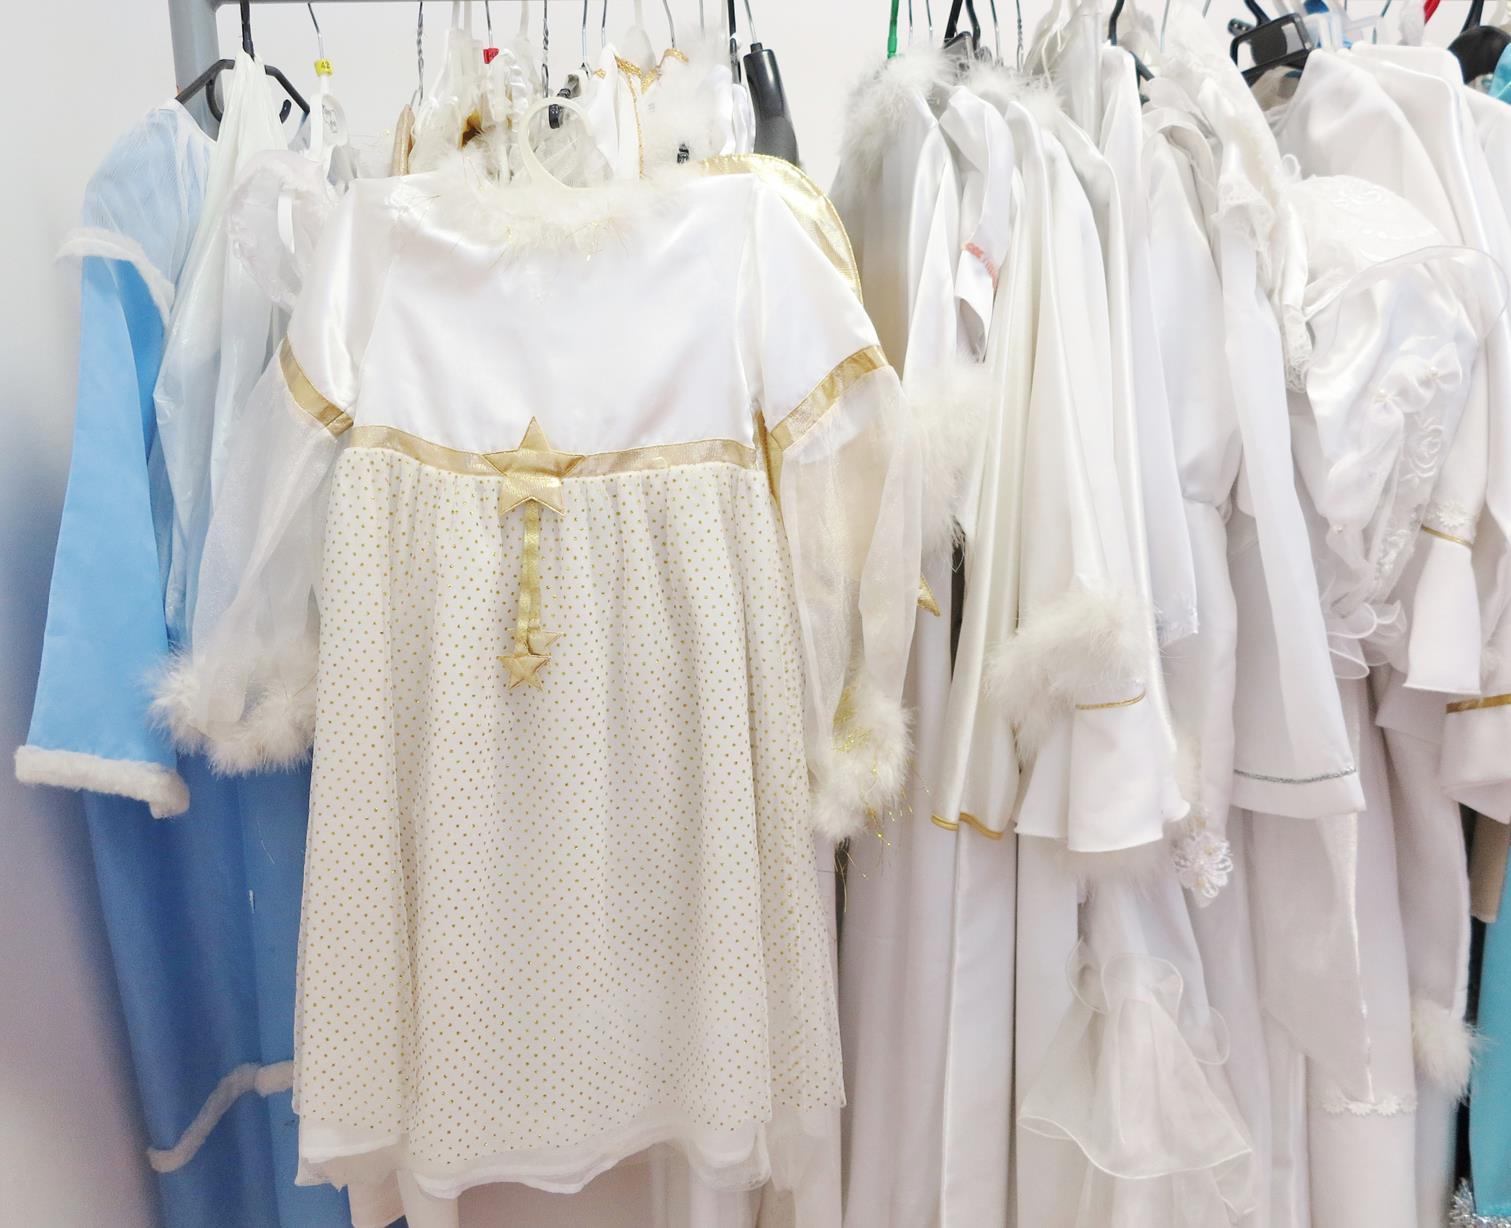 Białe stroje wiszące na wieszakach